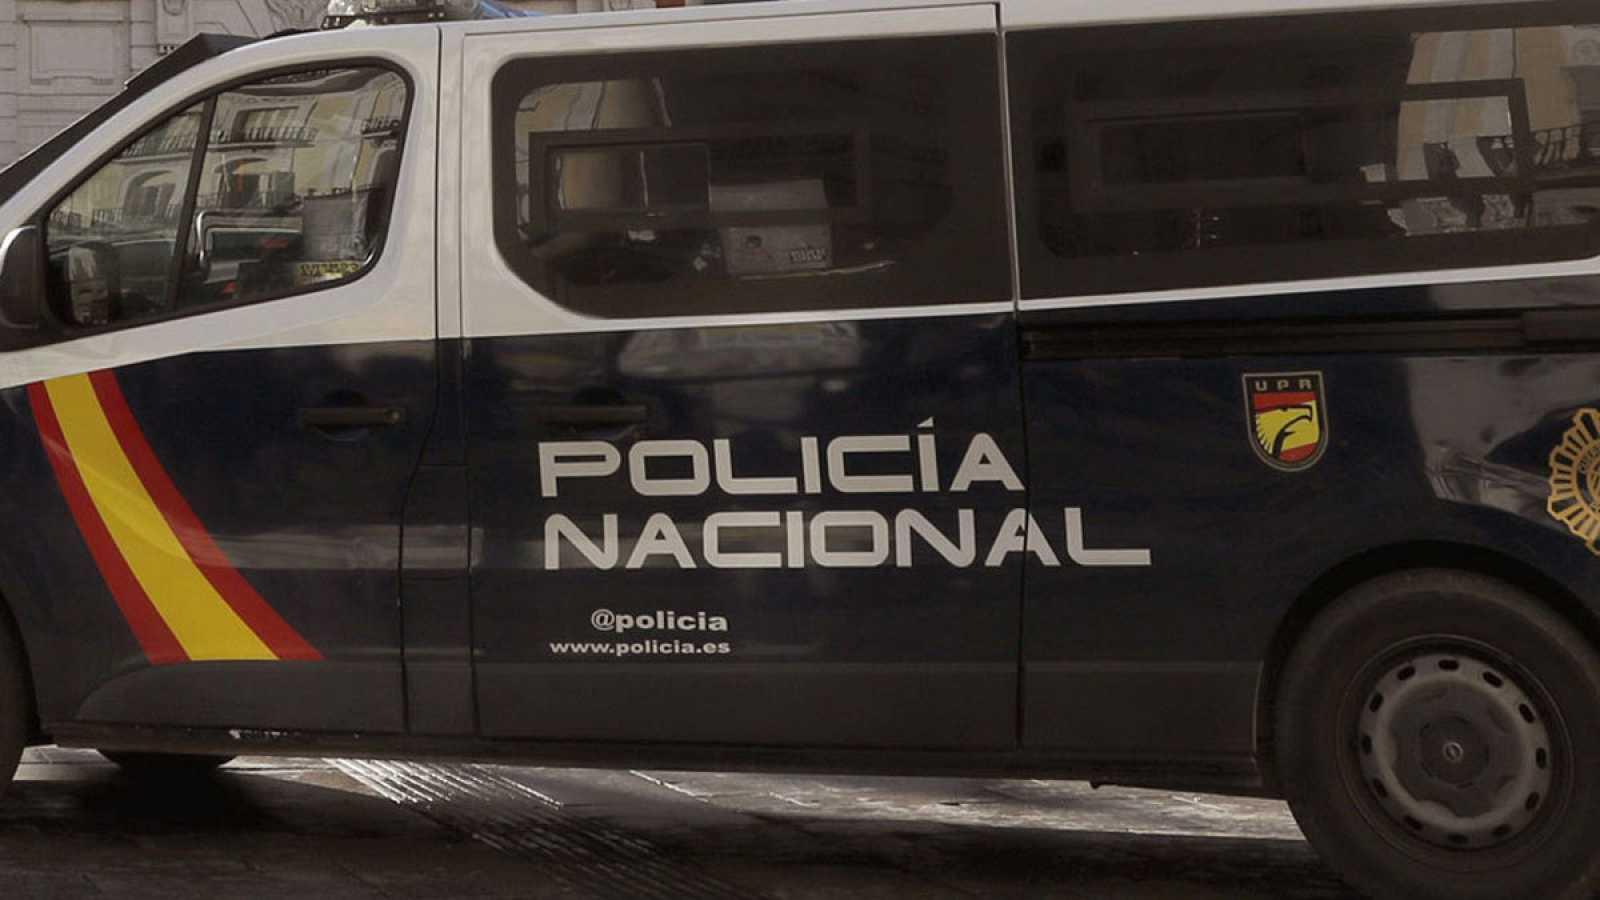 Tres jóvenes son arrestados tras una agresión sexual a una menor en Bilbao